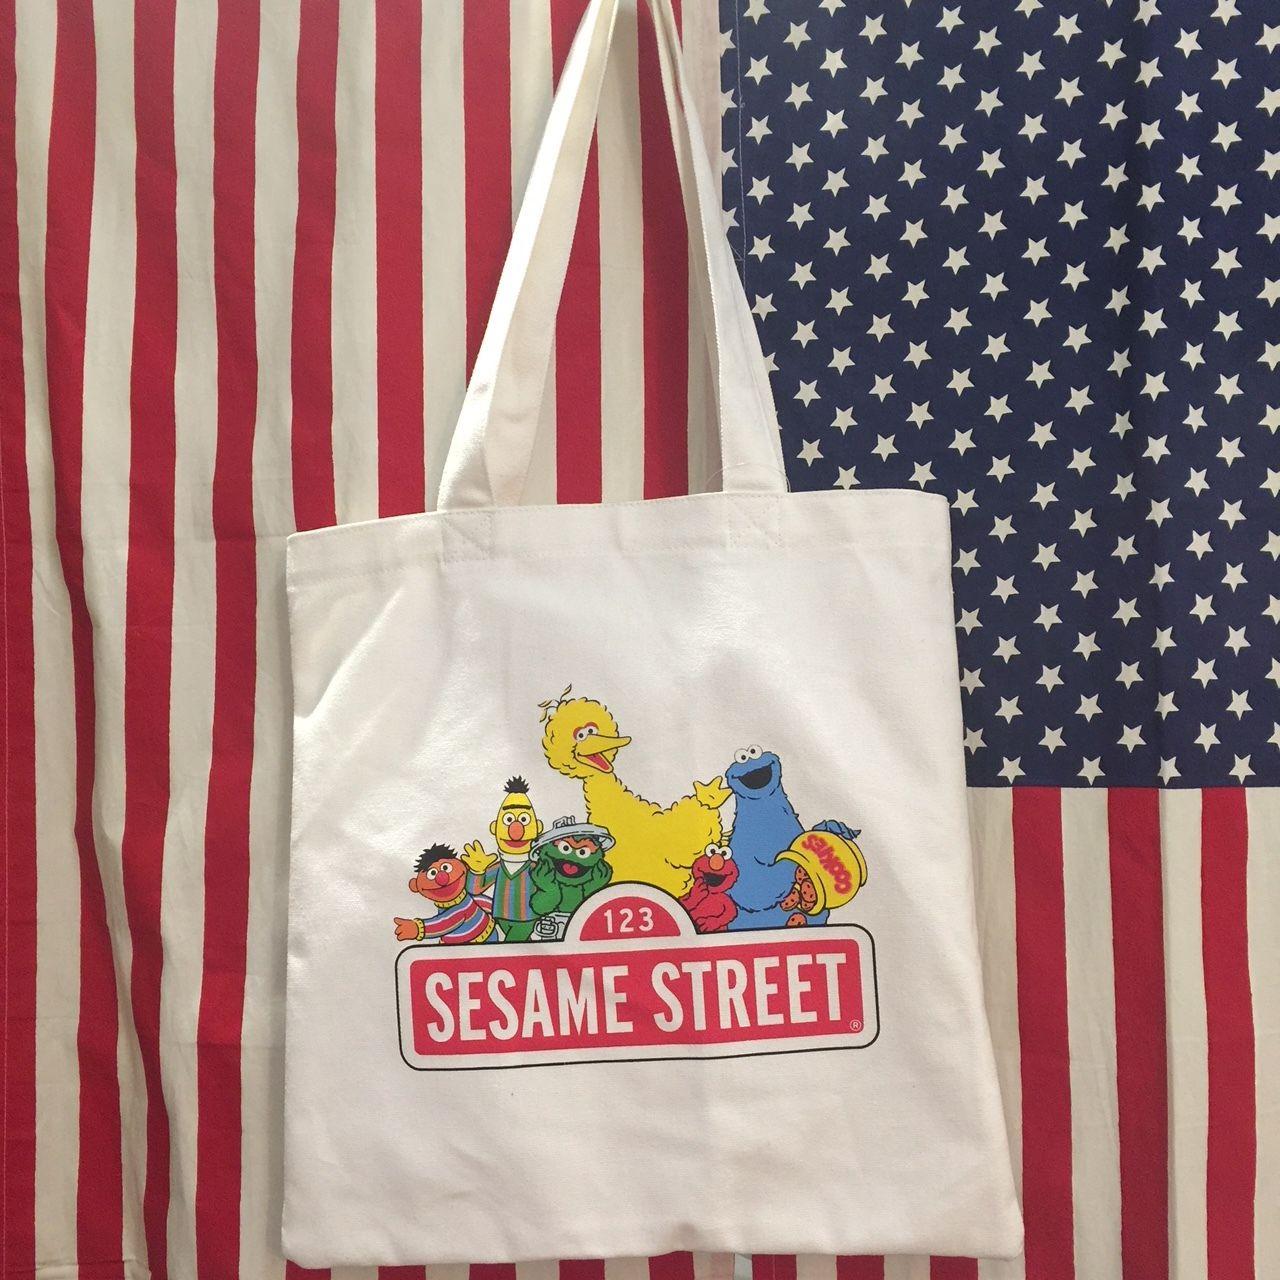 カラートートバッグ セサミストリート ロゴ